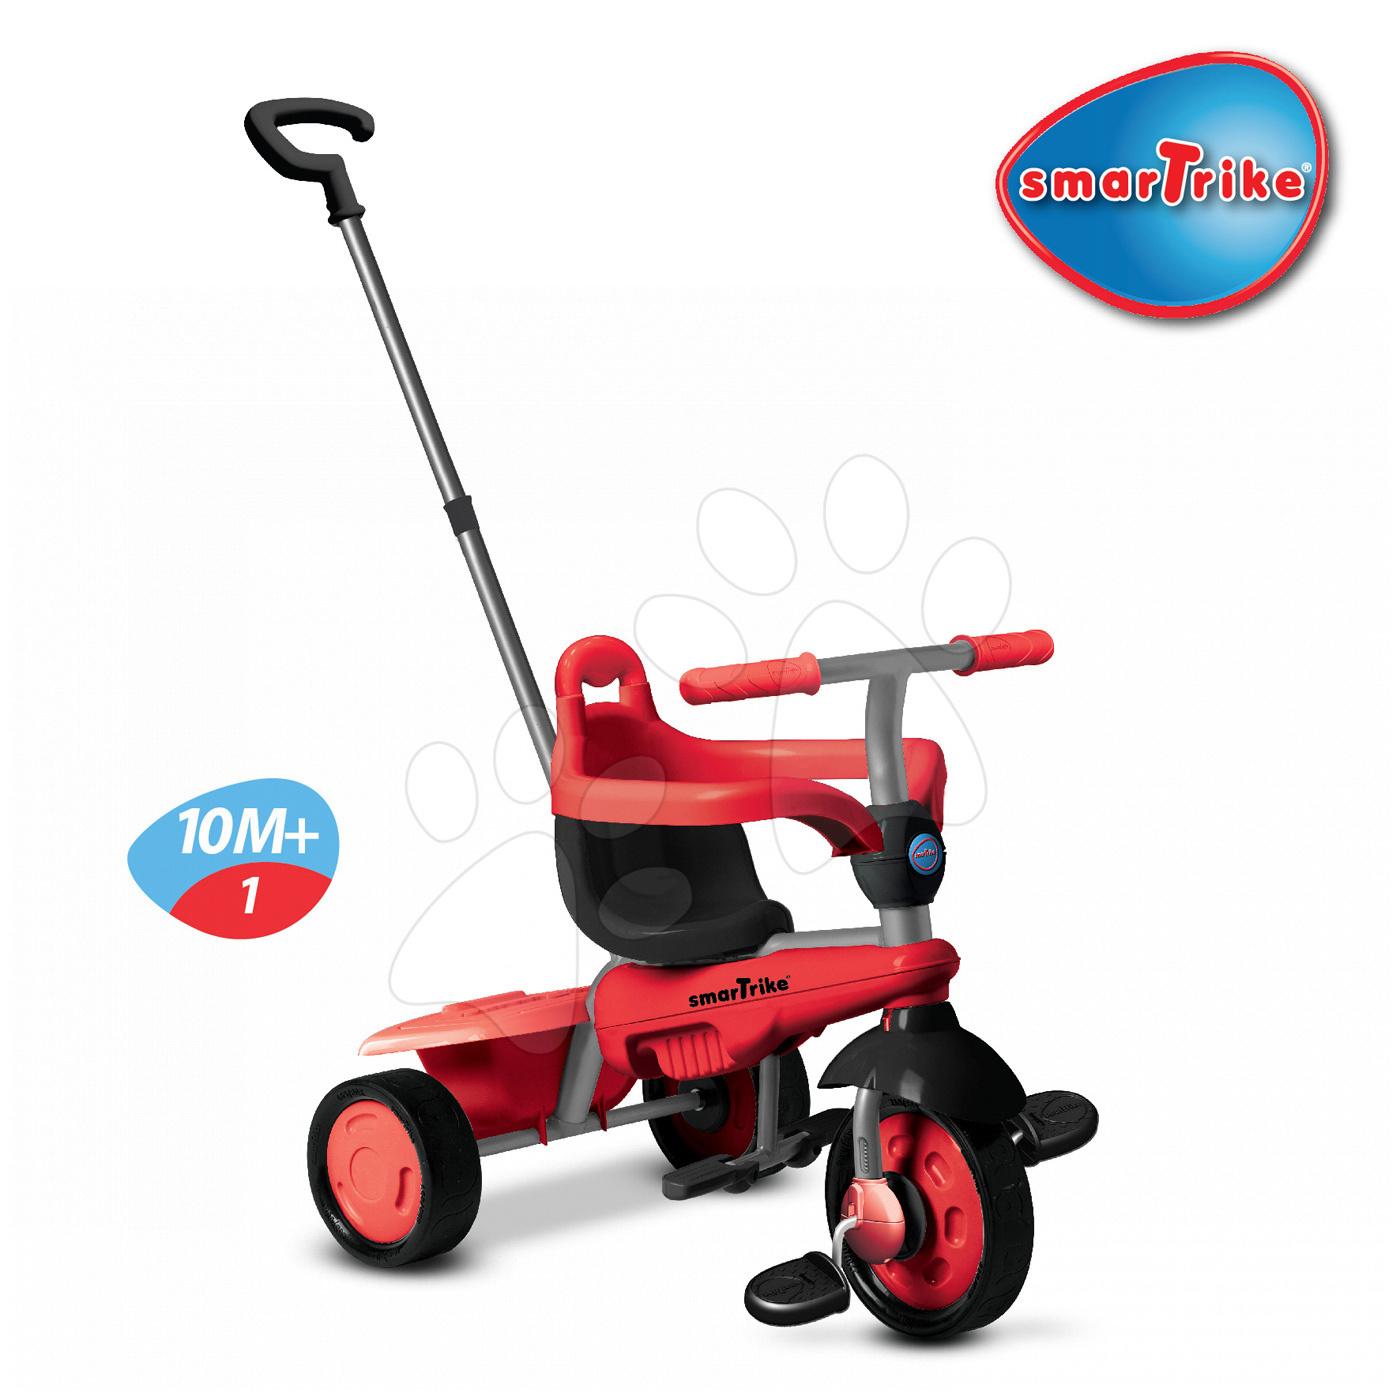 Trojkolky od 10 mesiacov - Trojkolka Breeze Touch Steering smarTrike červeno-čierna od 10 mes